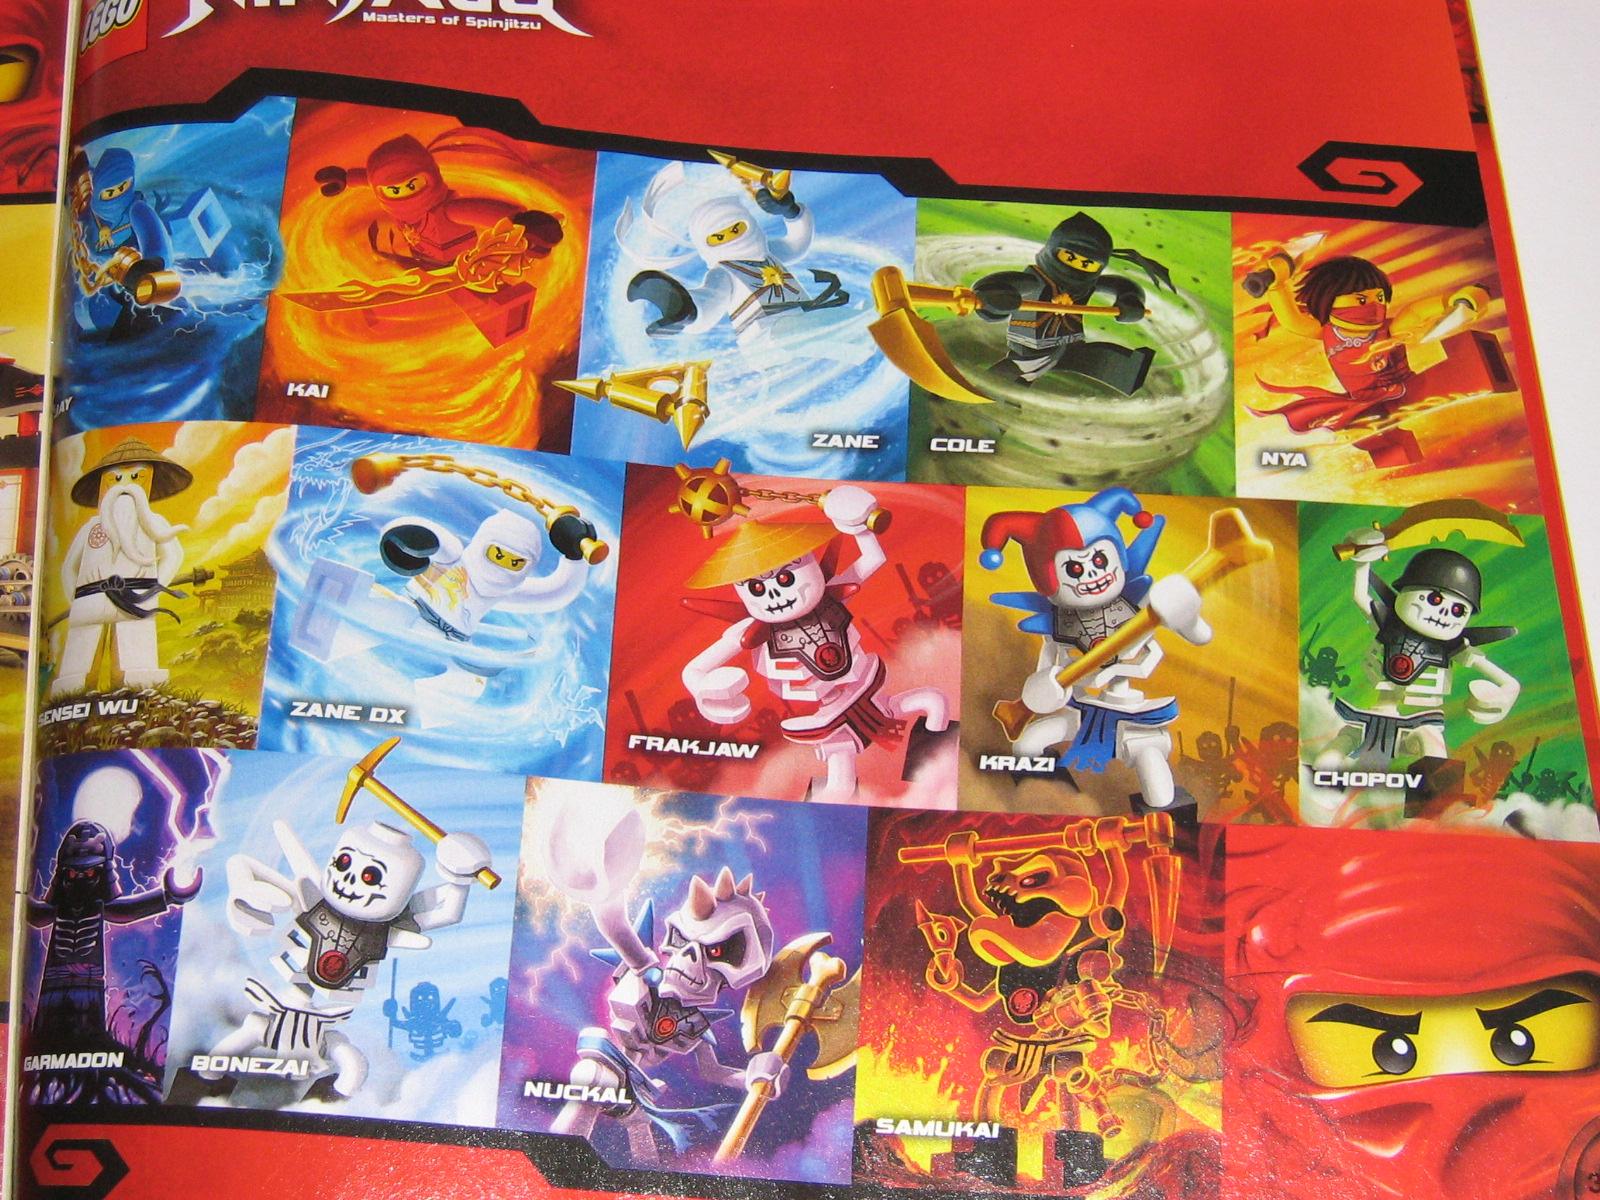 http://4.bp.blogspot.com/_qa13GlKvkqY/TRofFiayEQI/AAAAAAAACkw/SglY0CiHMTU/s1600/ninjago-character-sheets.jpg